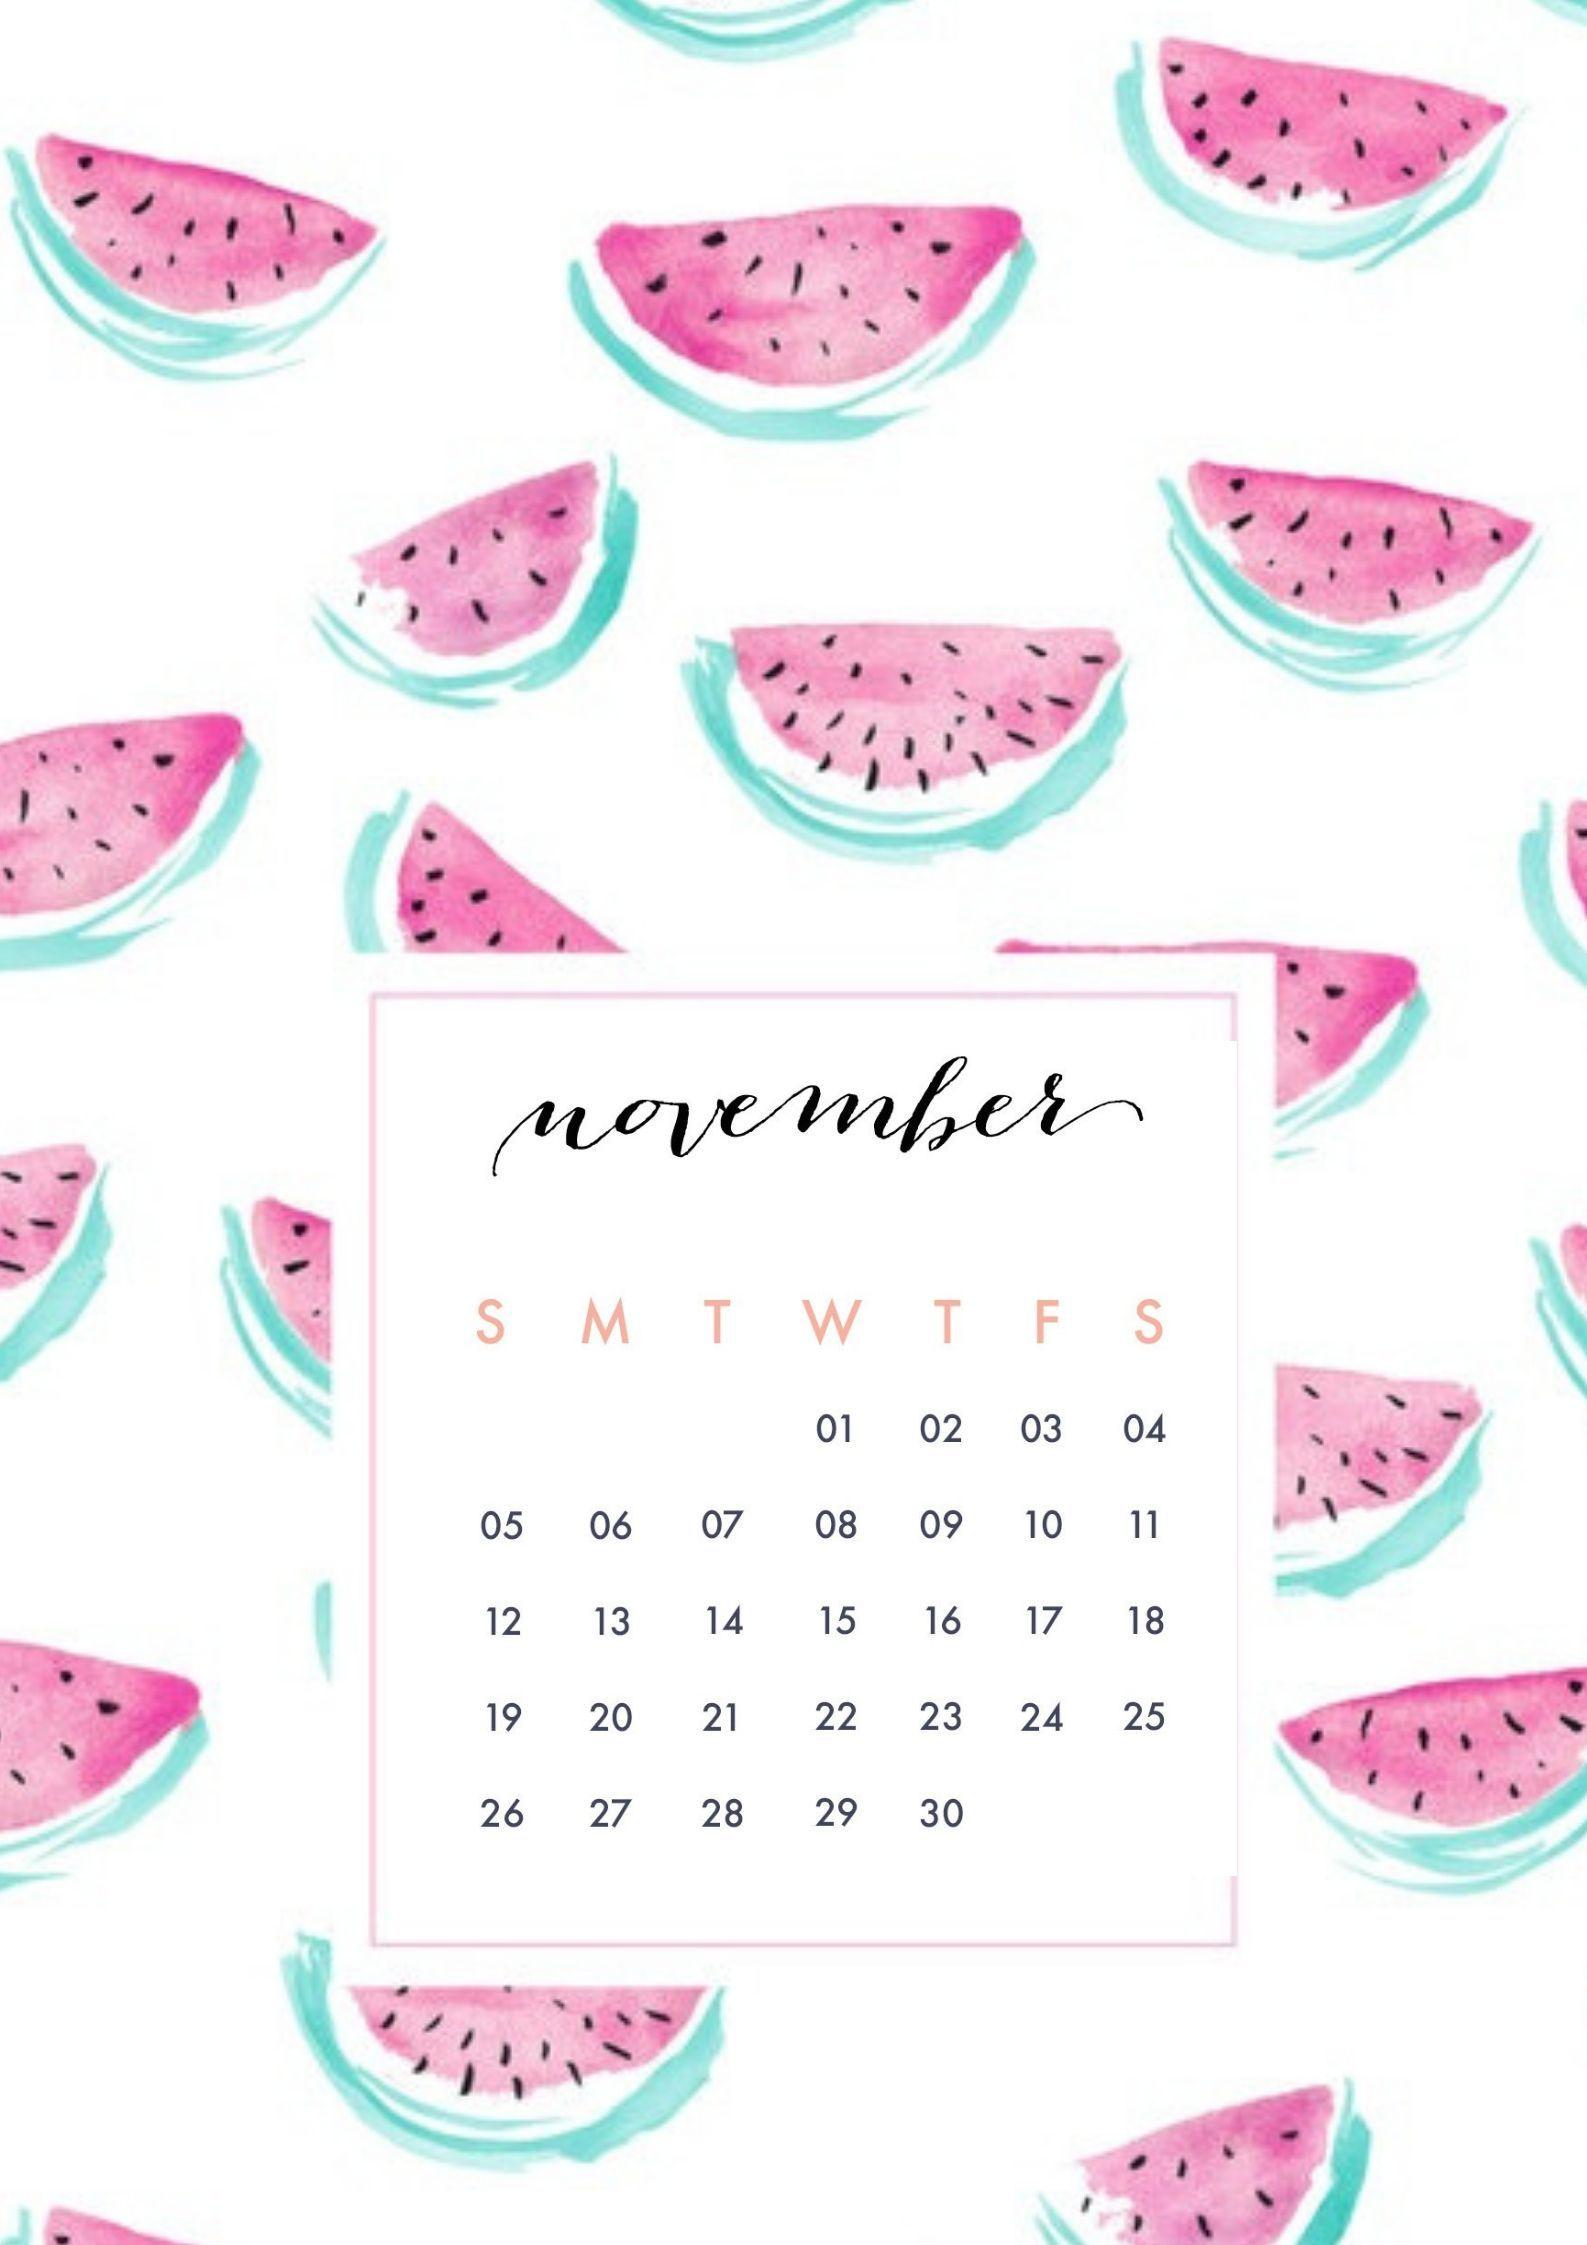 November 2018 Mobile Screensaver, Homescreen Calendars